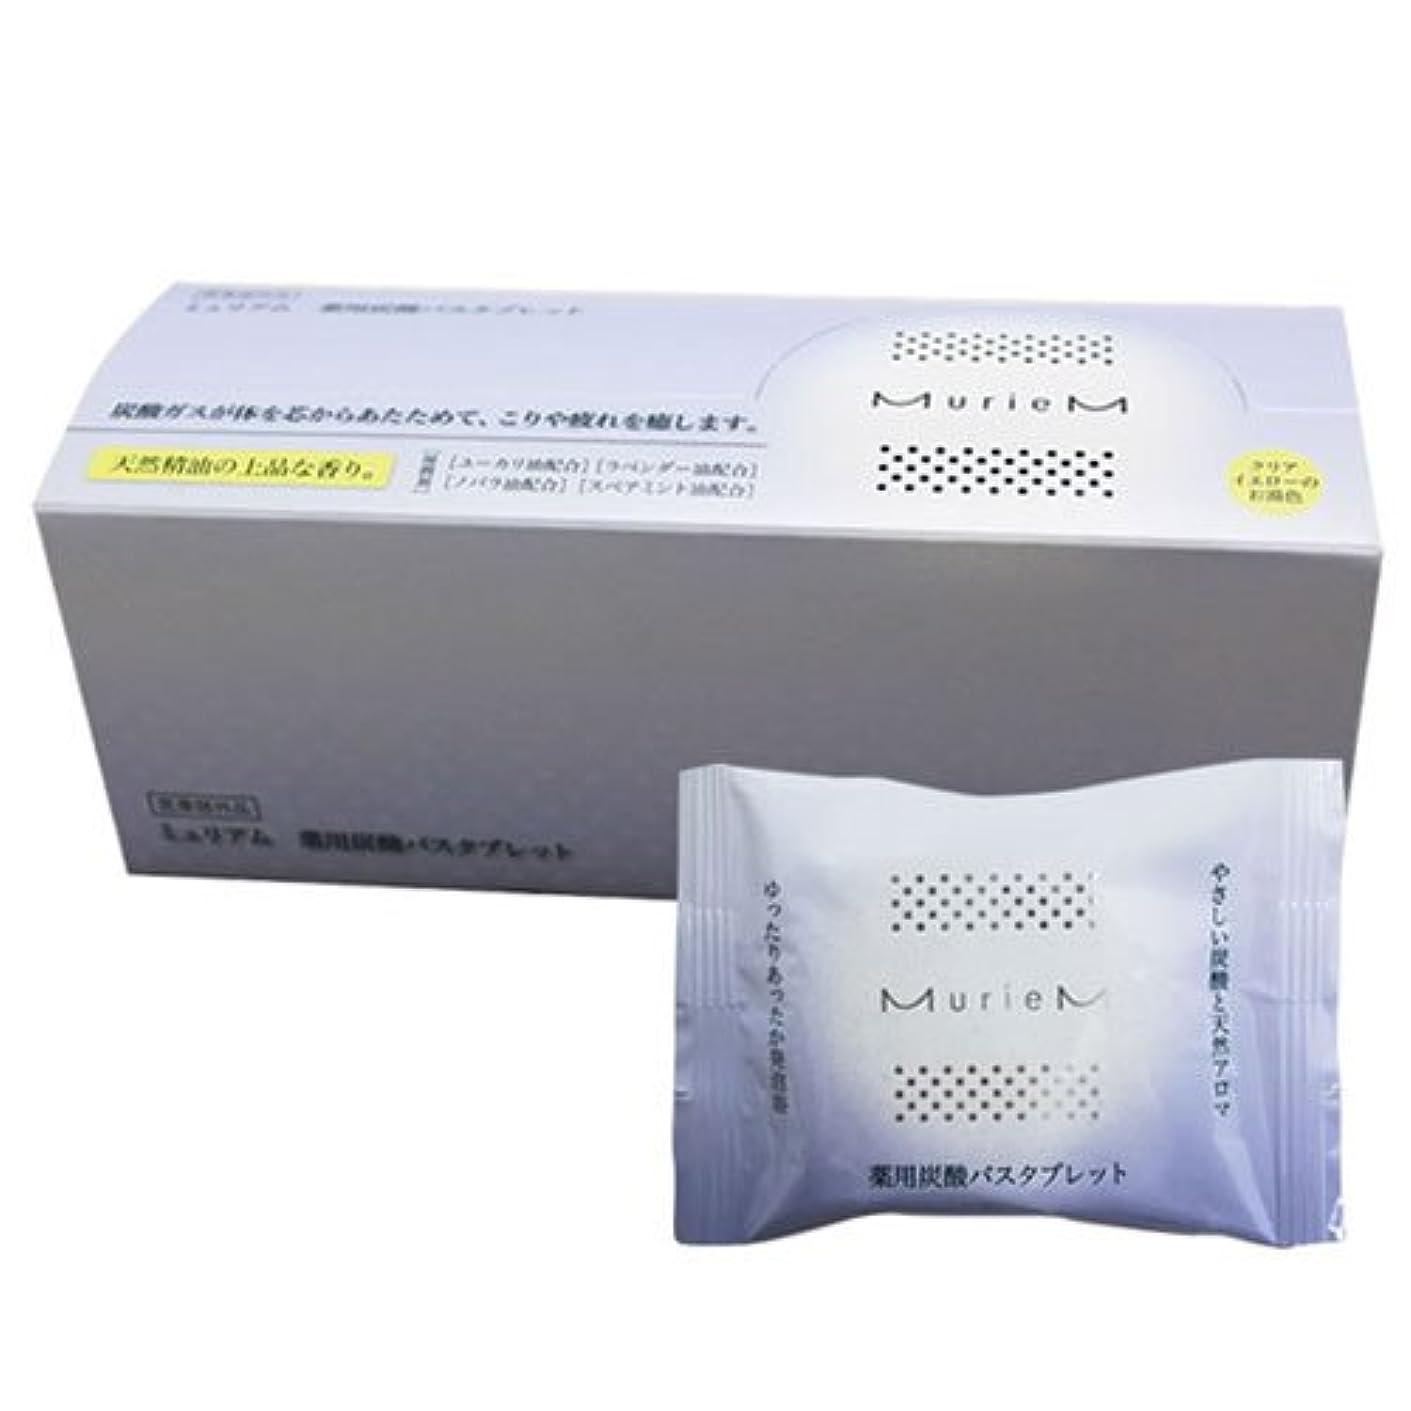 仕事に行くクレーンペイントナンバースリー ミュリアム 薬用炭酸バスタブレット 30g×10包 [医薬部外品]